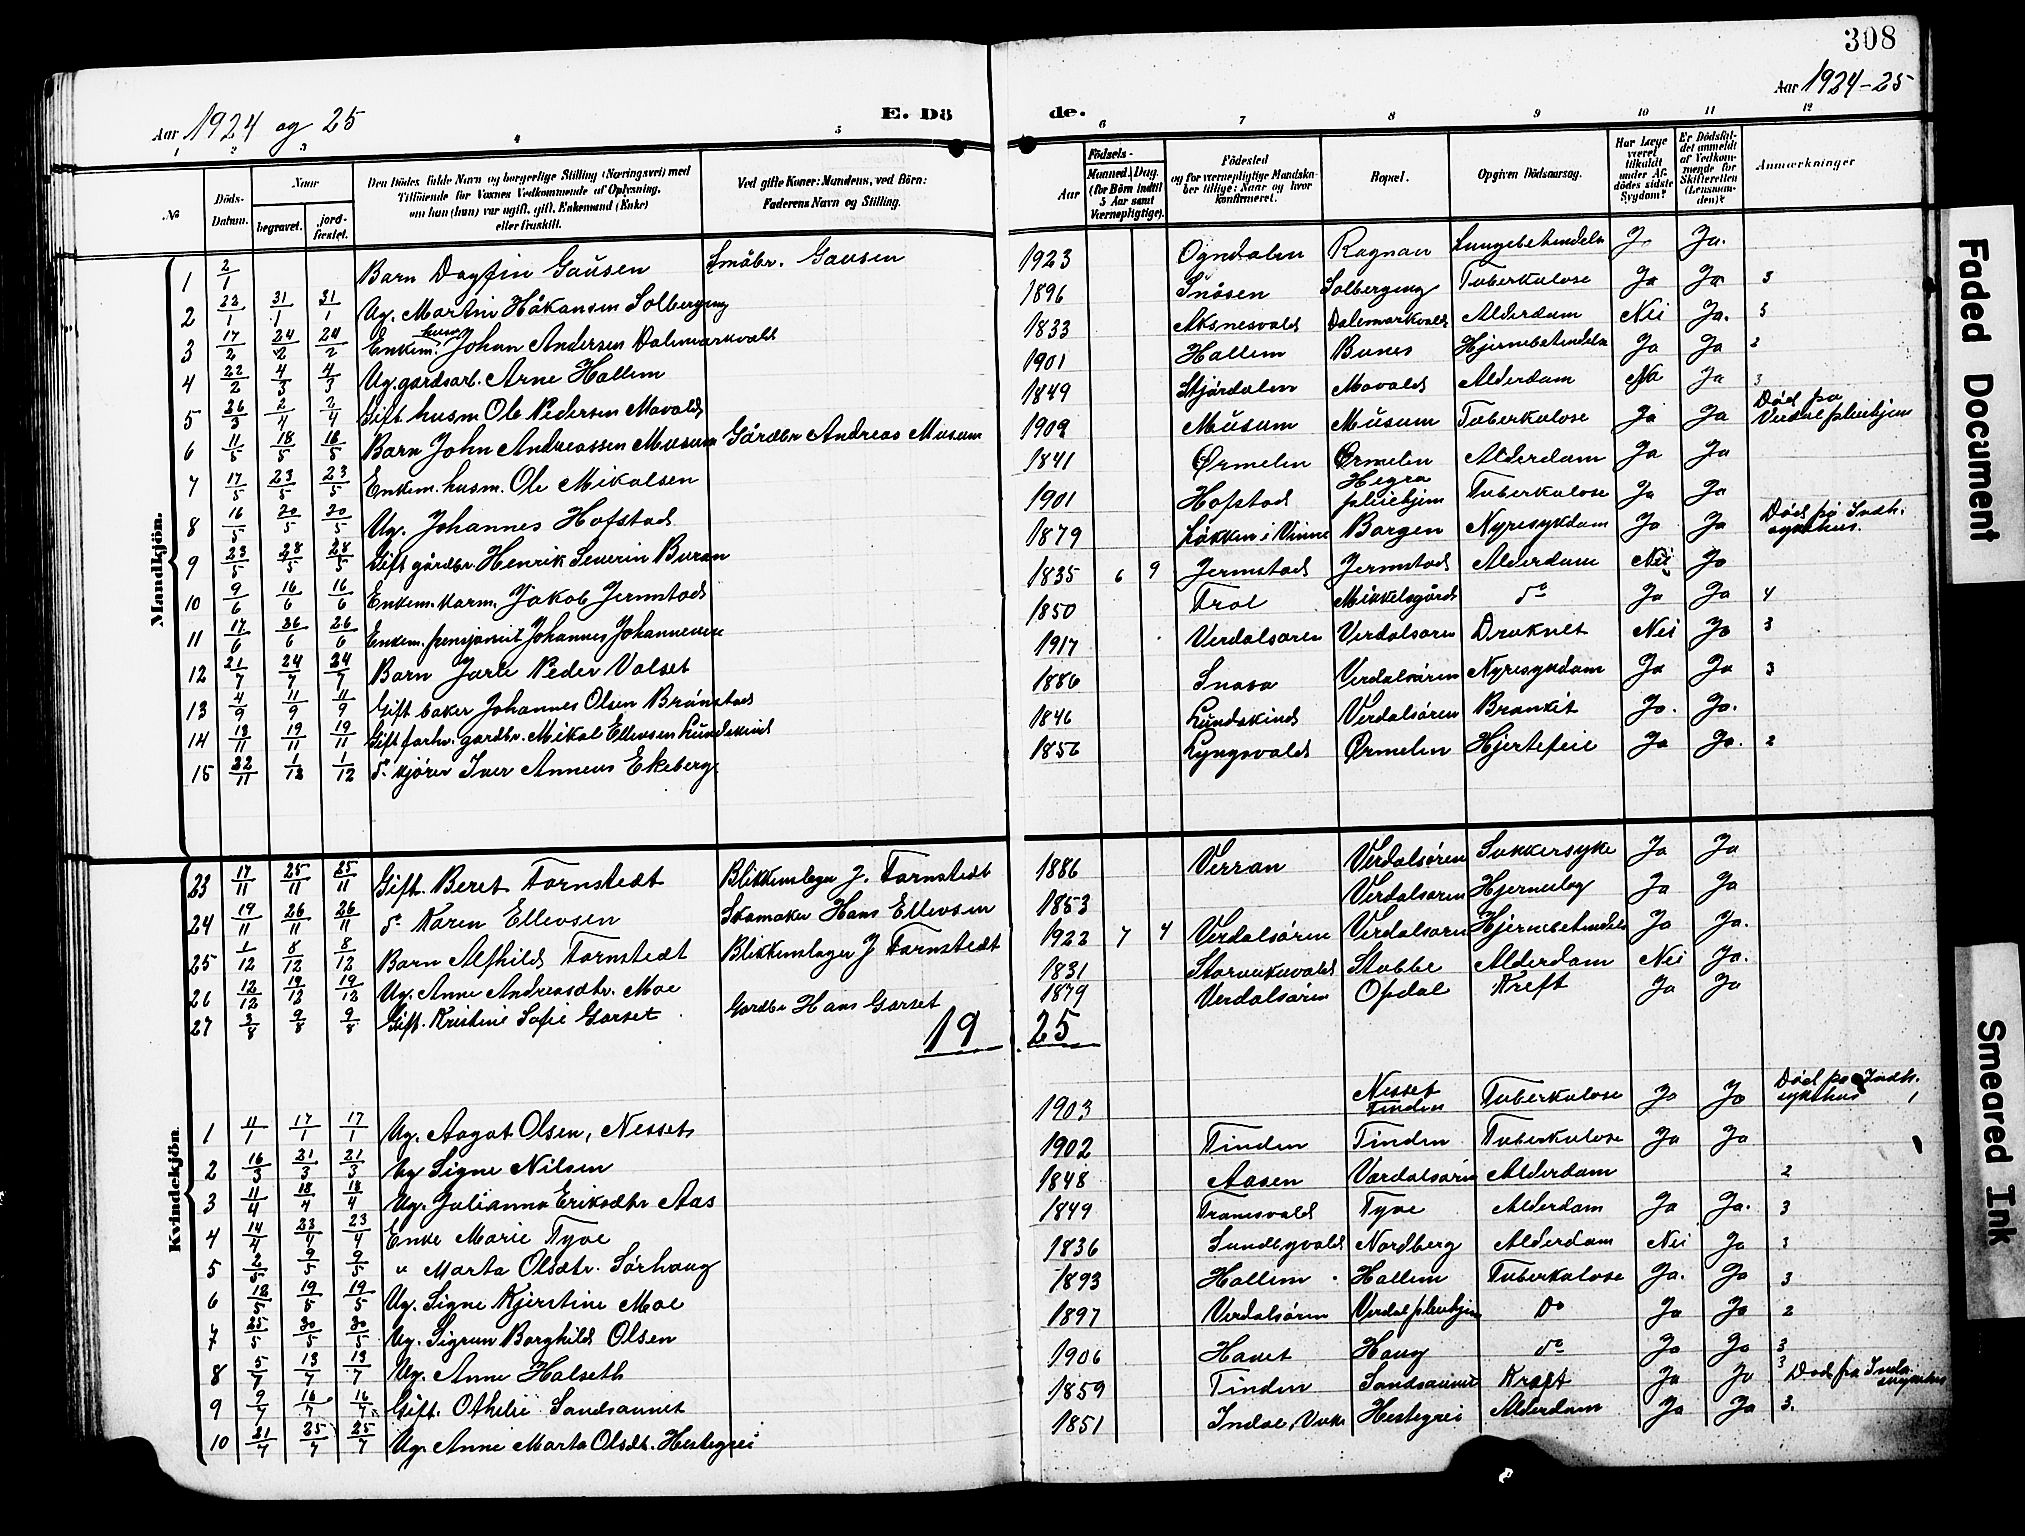 SAT, Ministerialprotokoller, klokkerbøker og fødselsregistre - Nord-Trøndelag, 723/L0258: Klokkerbok nr. 723C06, 1908-1927, s. 308